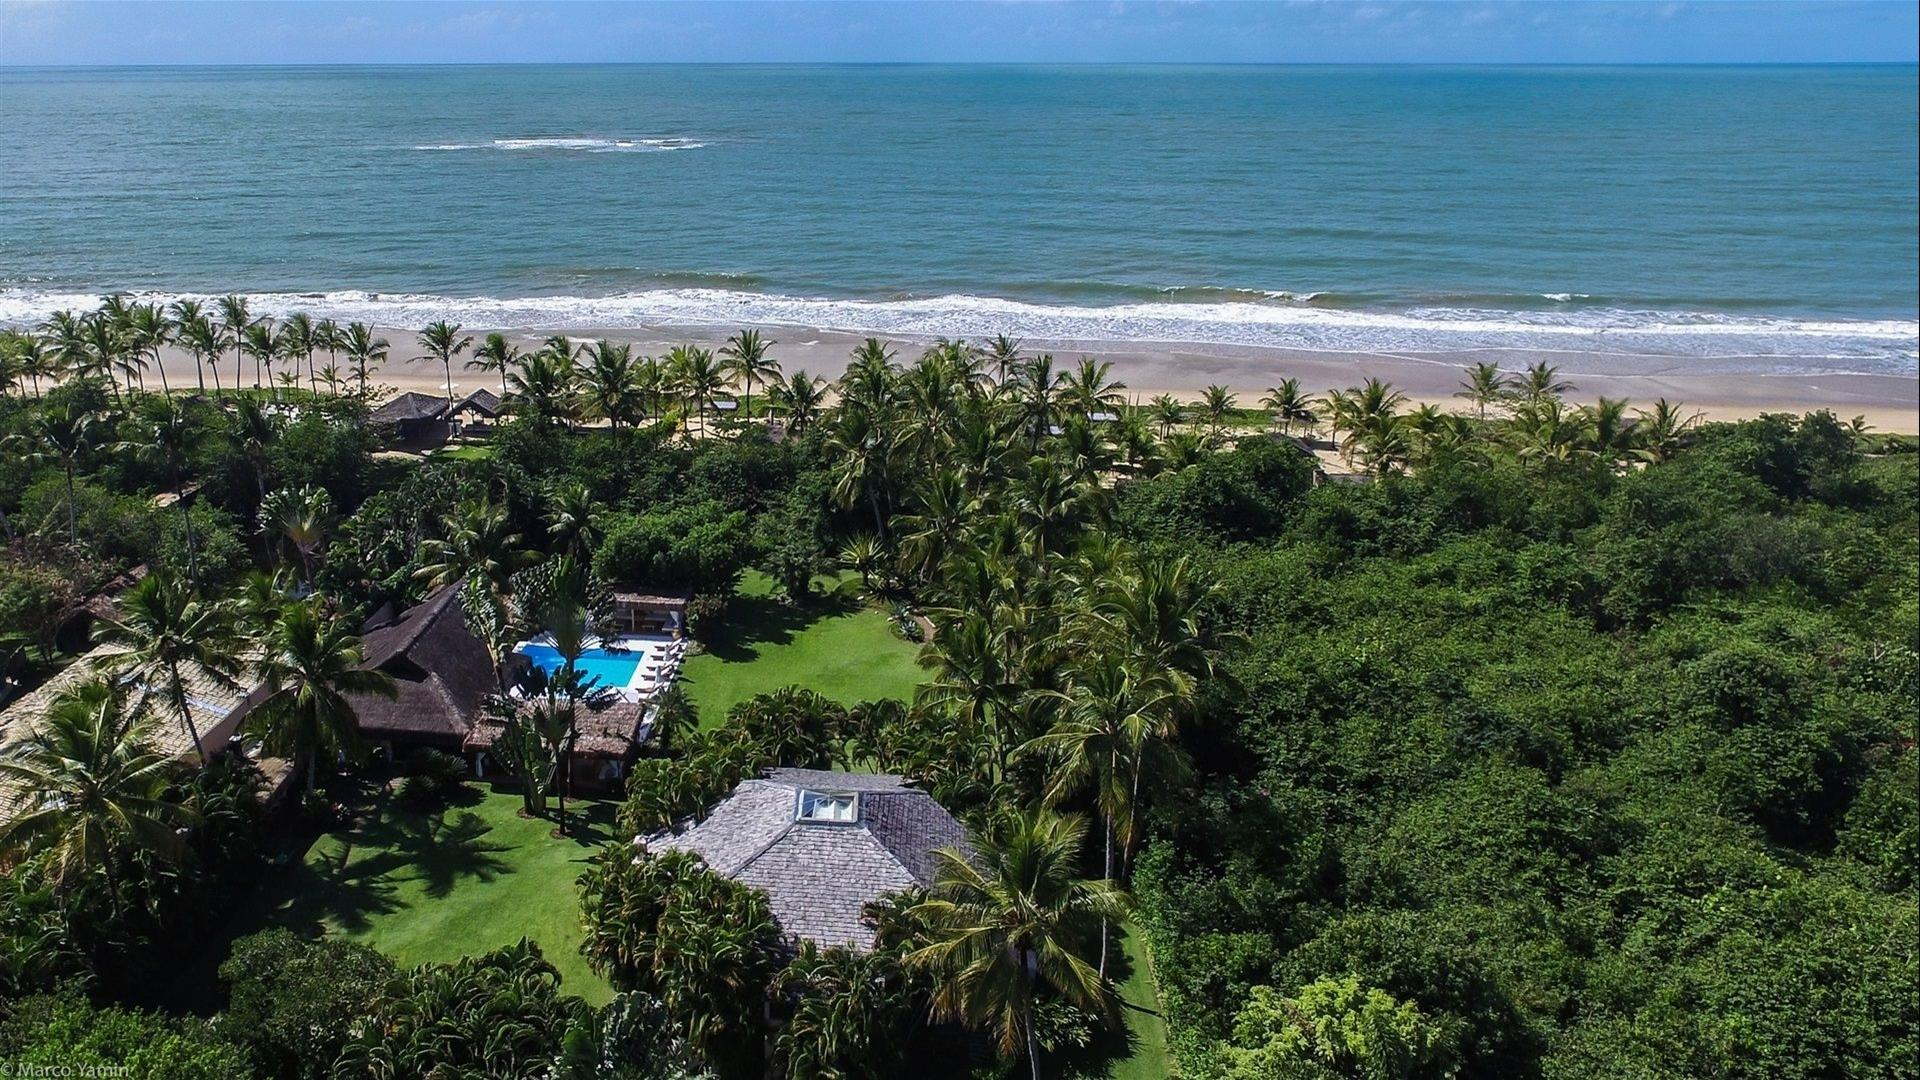 Brasilien Trancoso: Deluxe Hotel - Hotel Villas de Trancoso